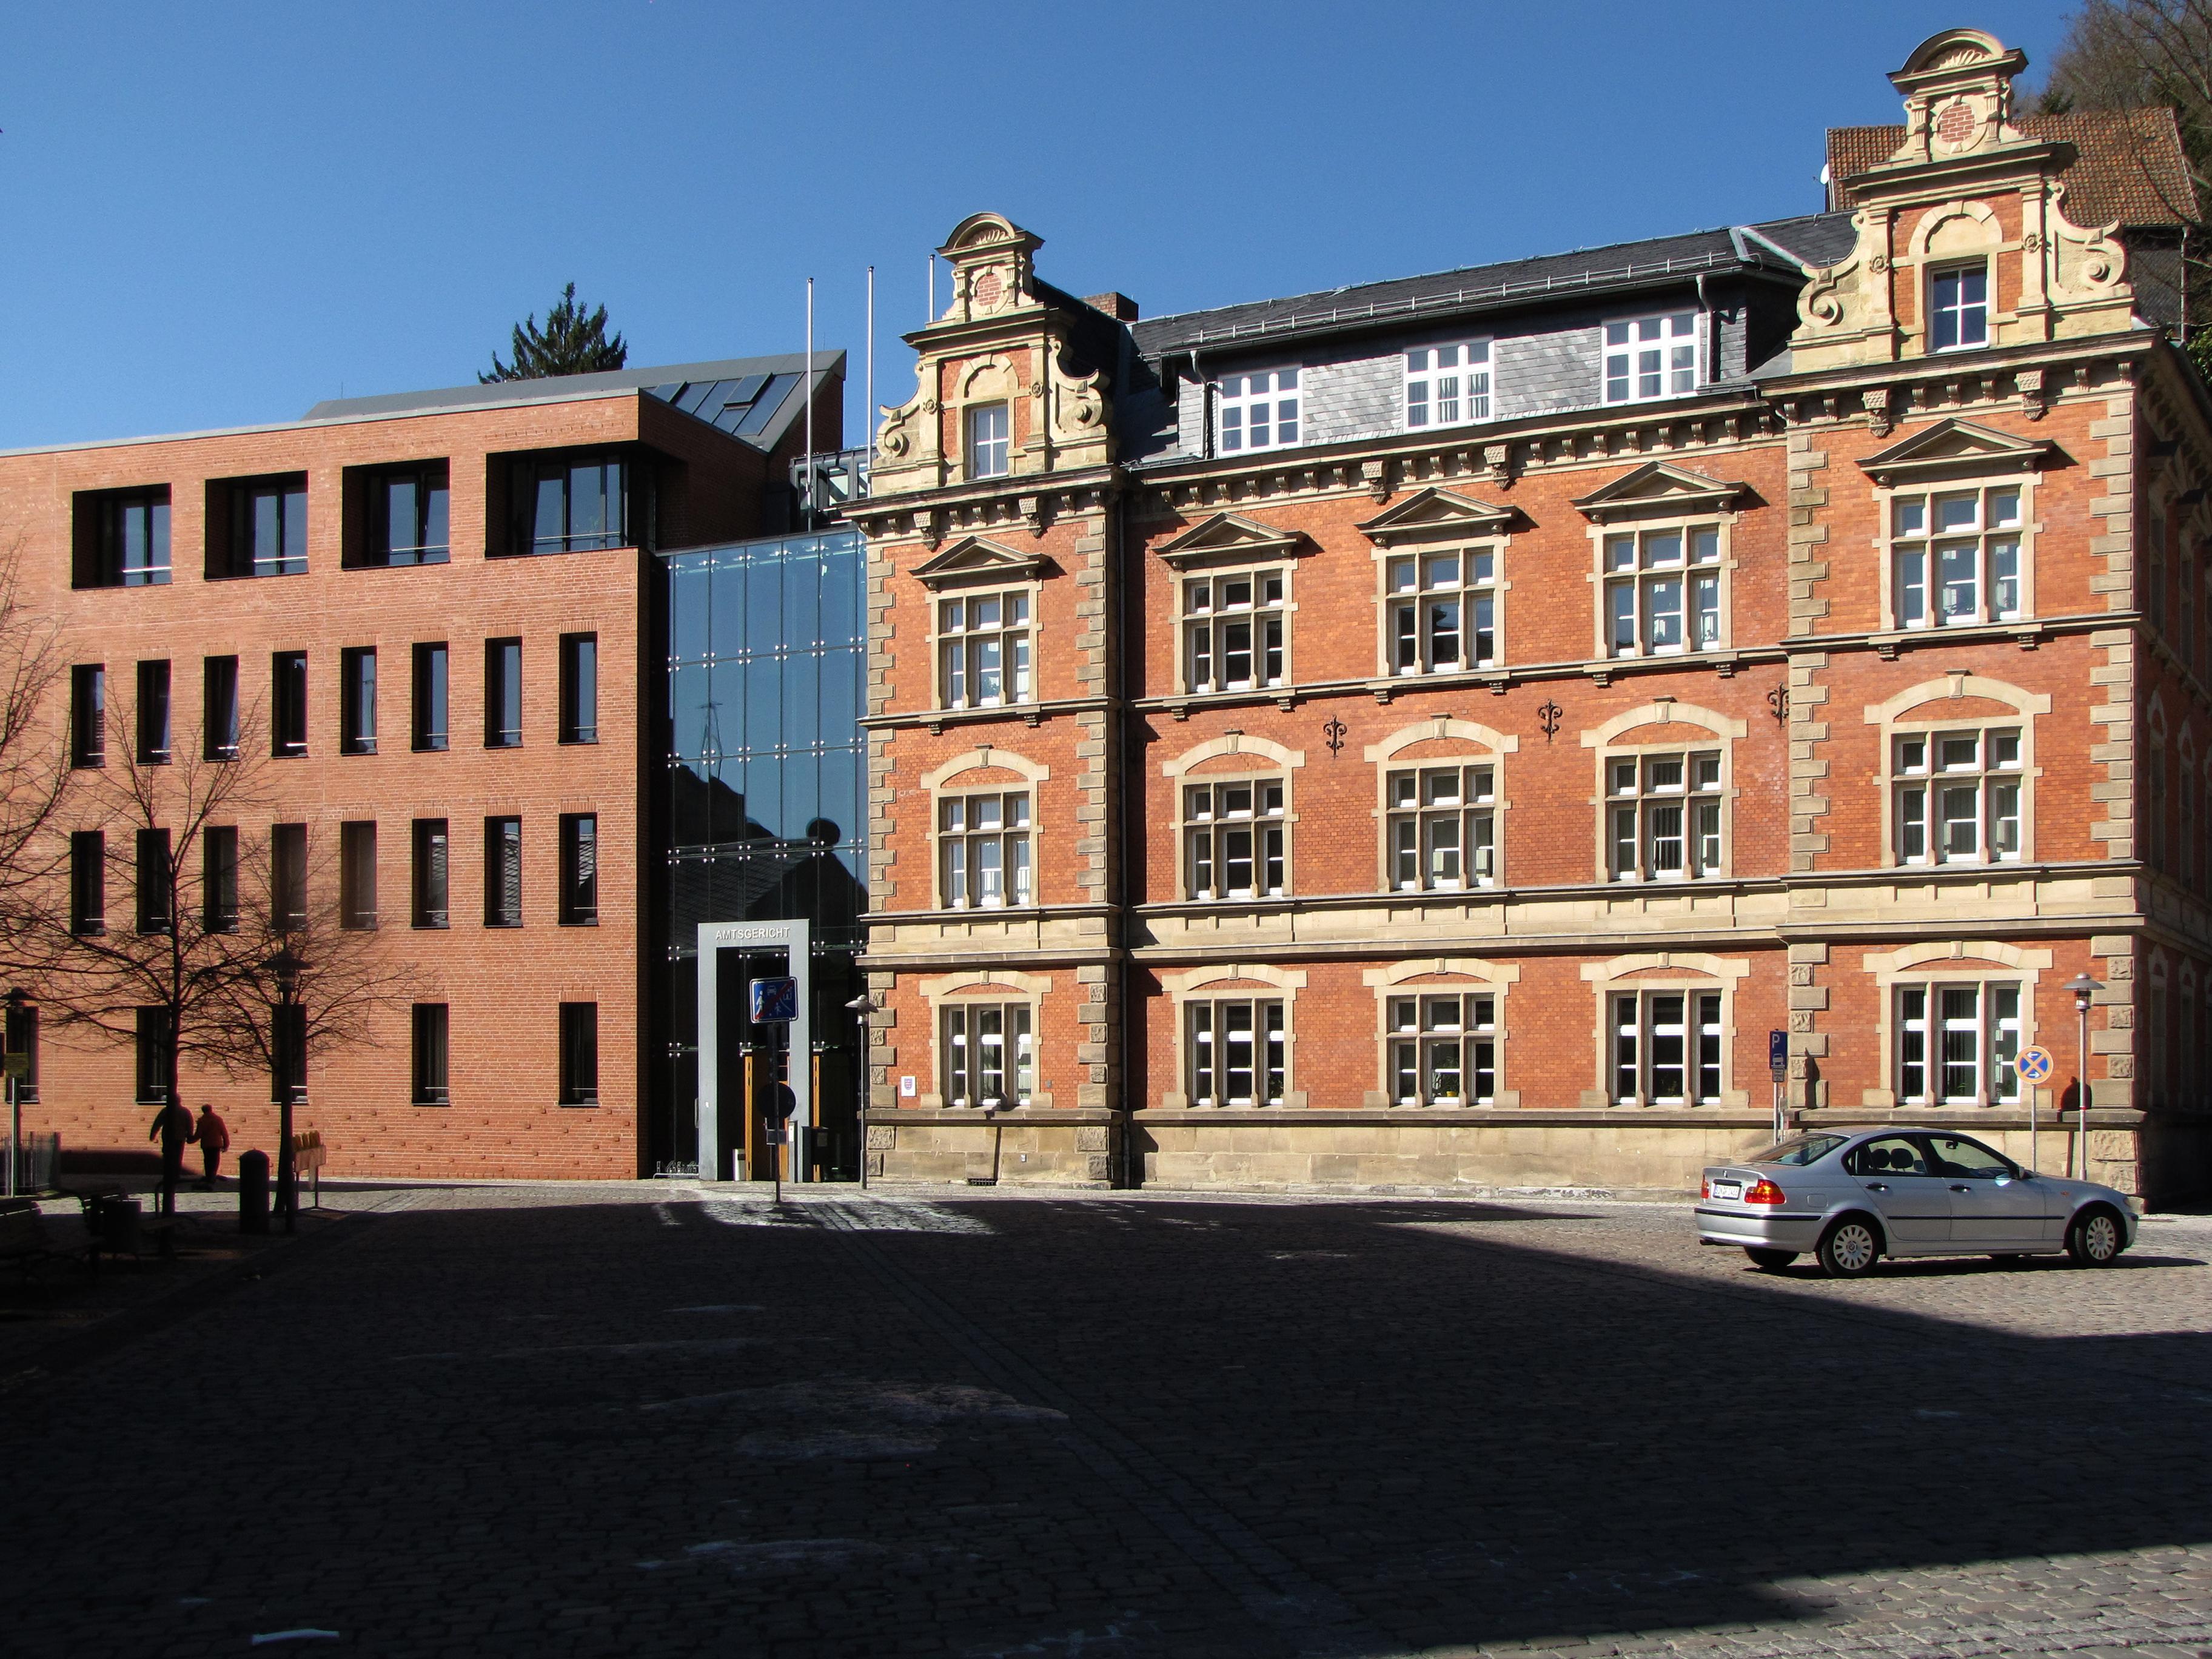 [Bild] Gebäudeansicht Amtsgericht Sonneberg